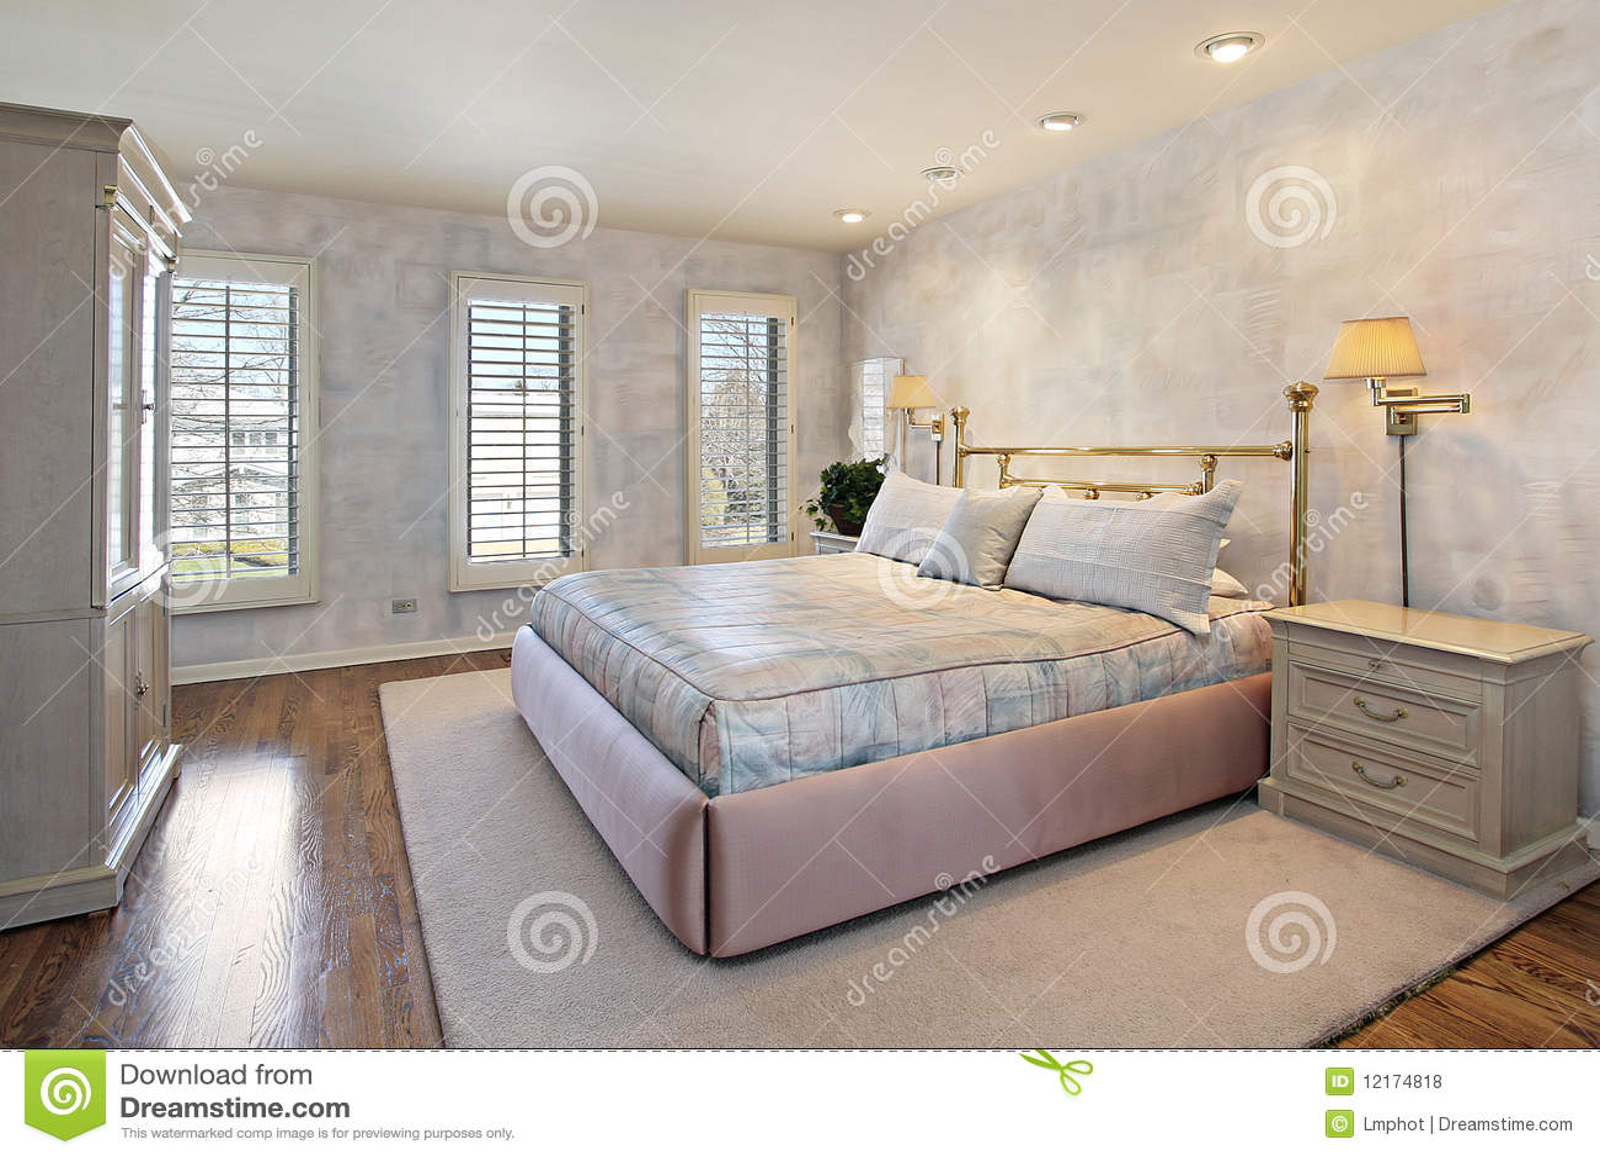 Houten Wandbekleding Slaapkamer : Houten vloeren slaapkamer consenza ...